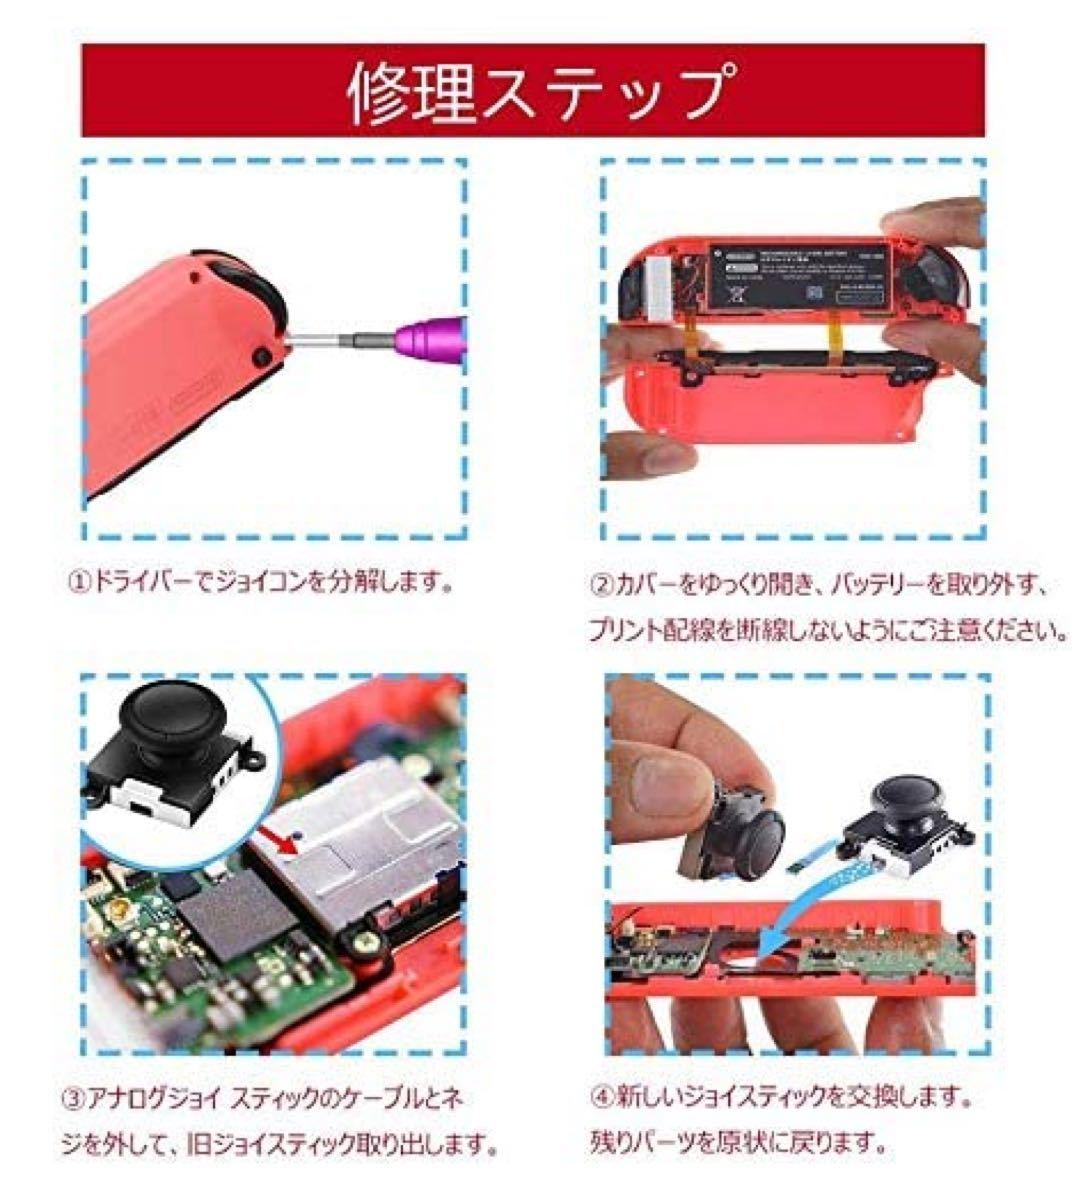 ジョイコン修理キット ジョイコン 修理パーツ 左右対応